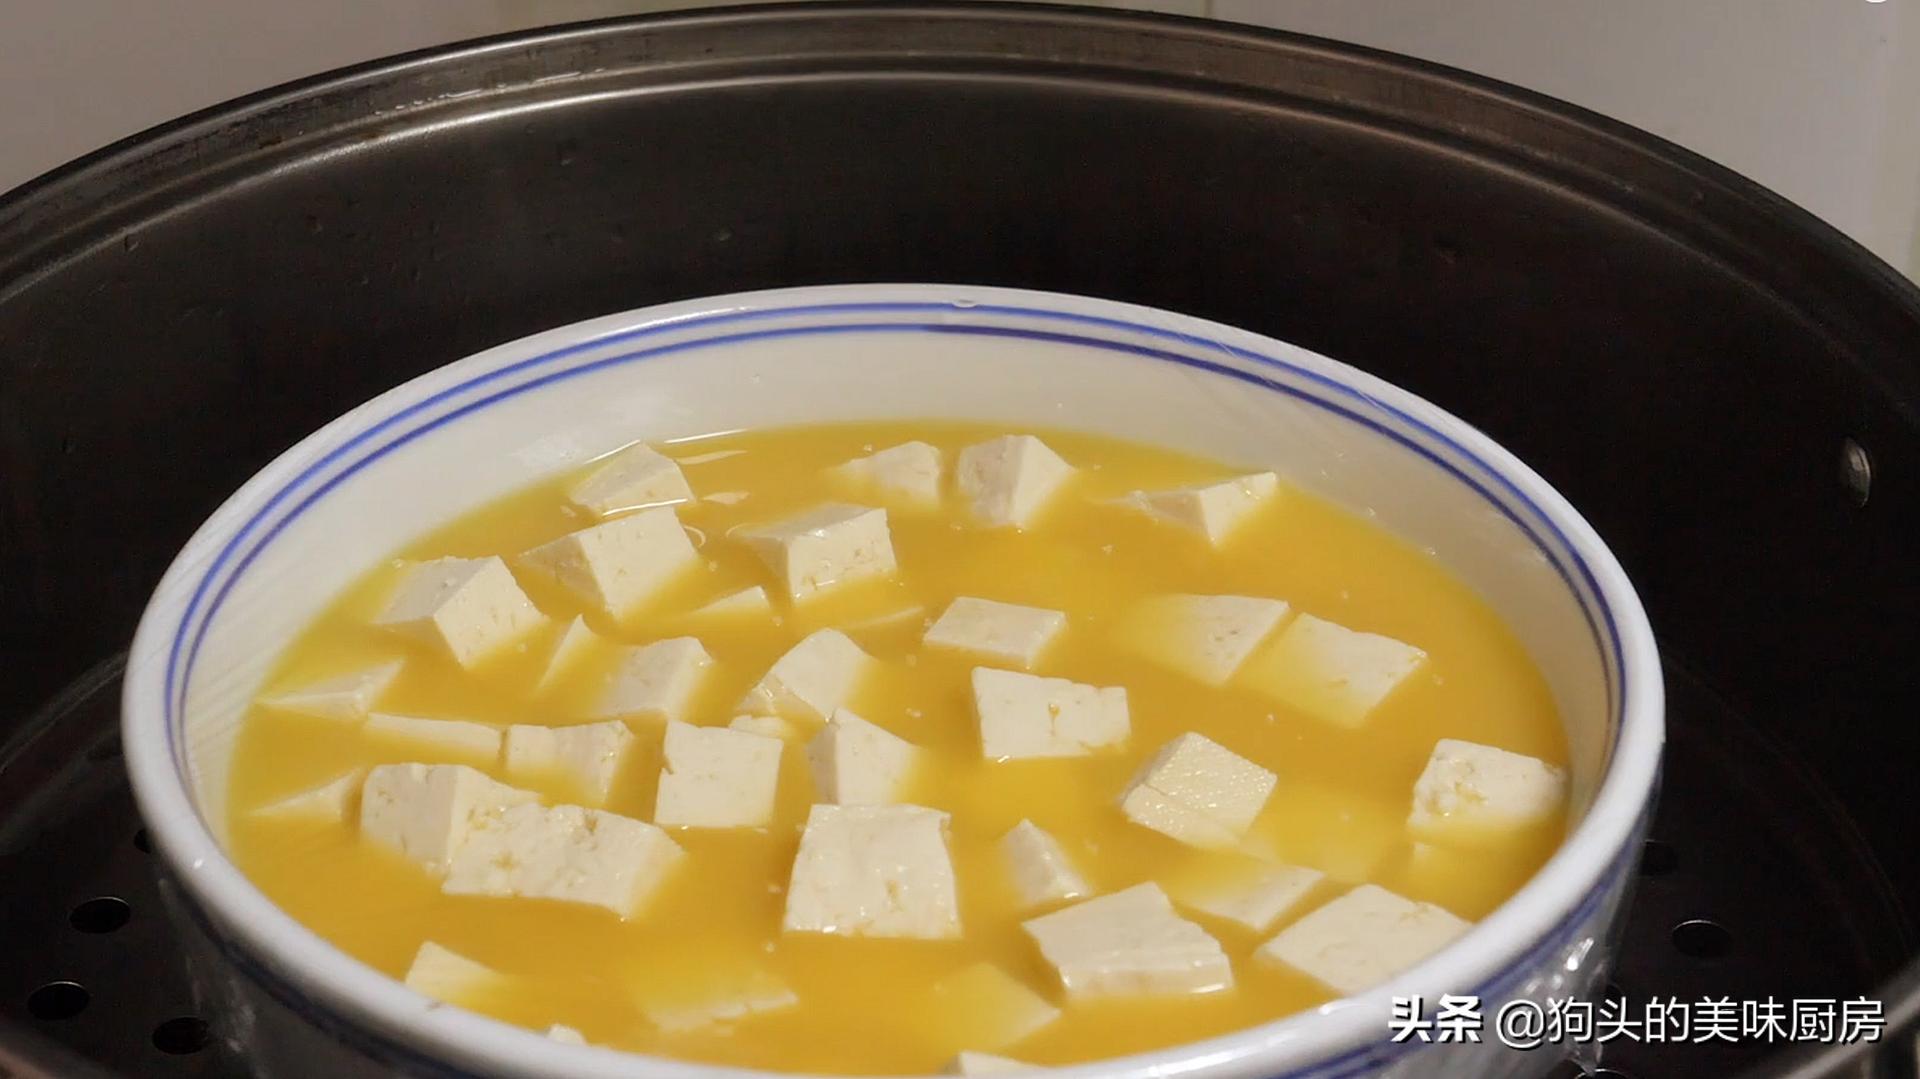 豆腐切成丁,不炒不煎不油炸,连吃一个月也不腻,营养丰富又美味 美食做法 第9张